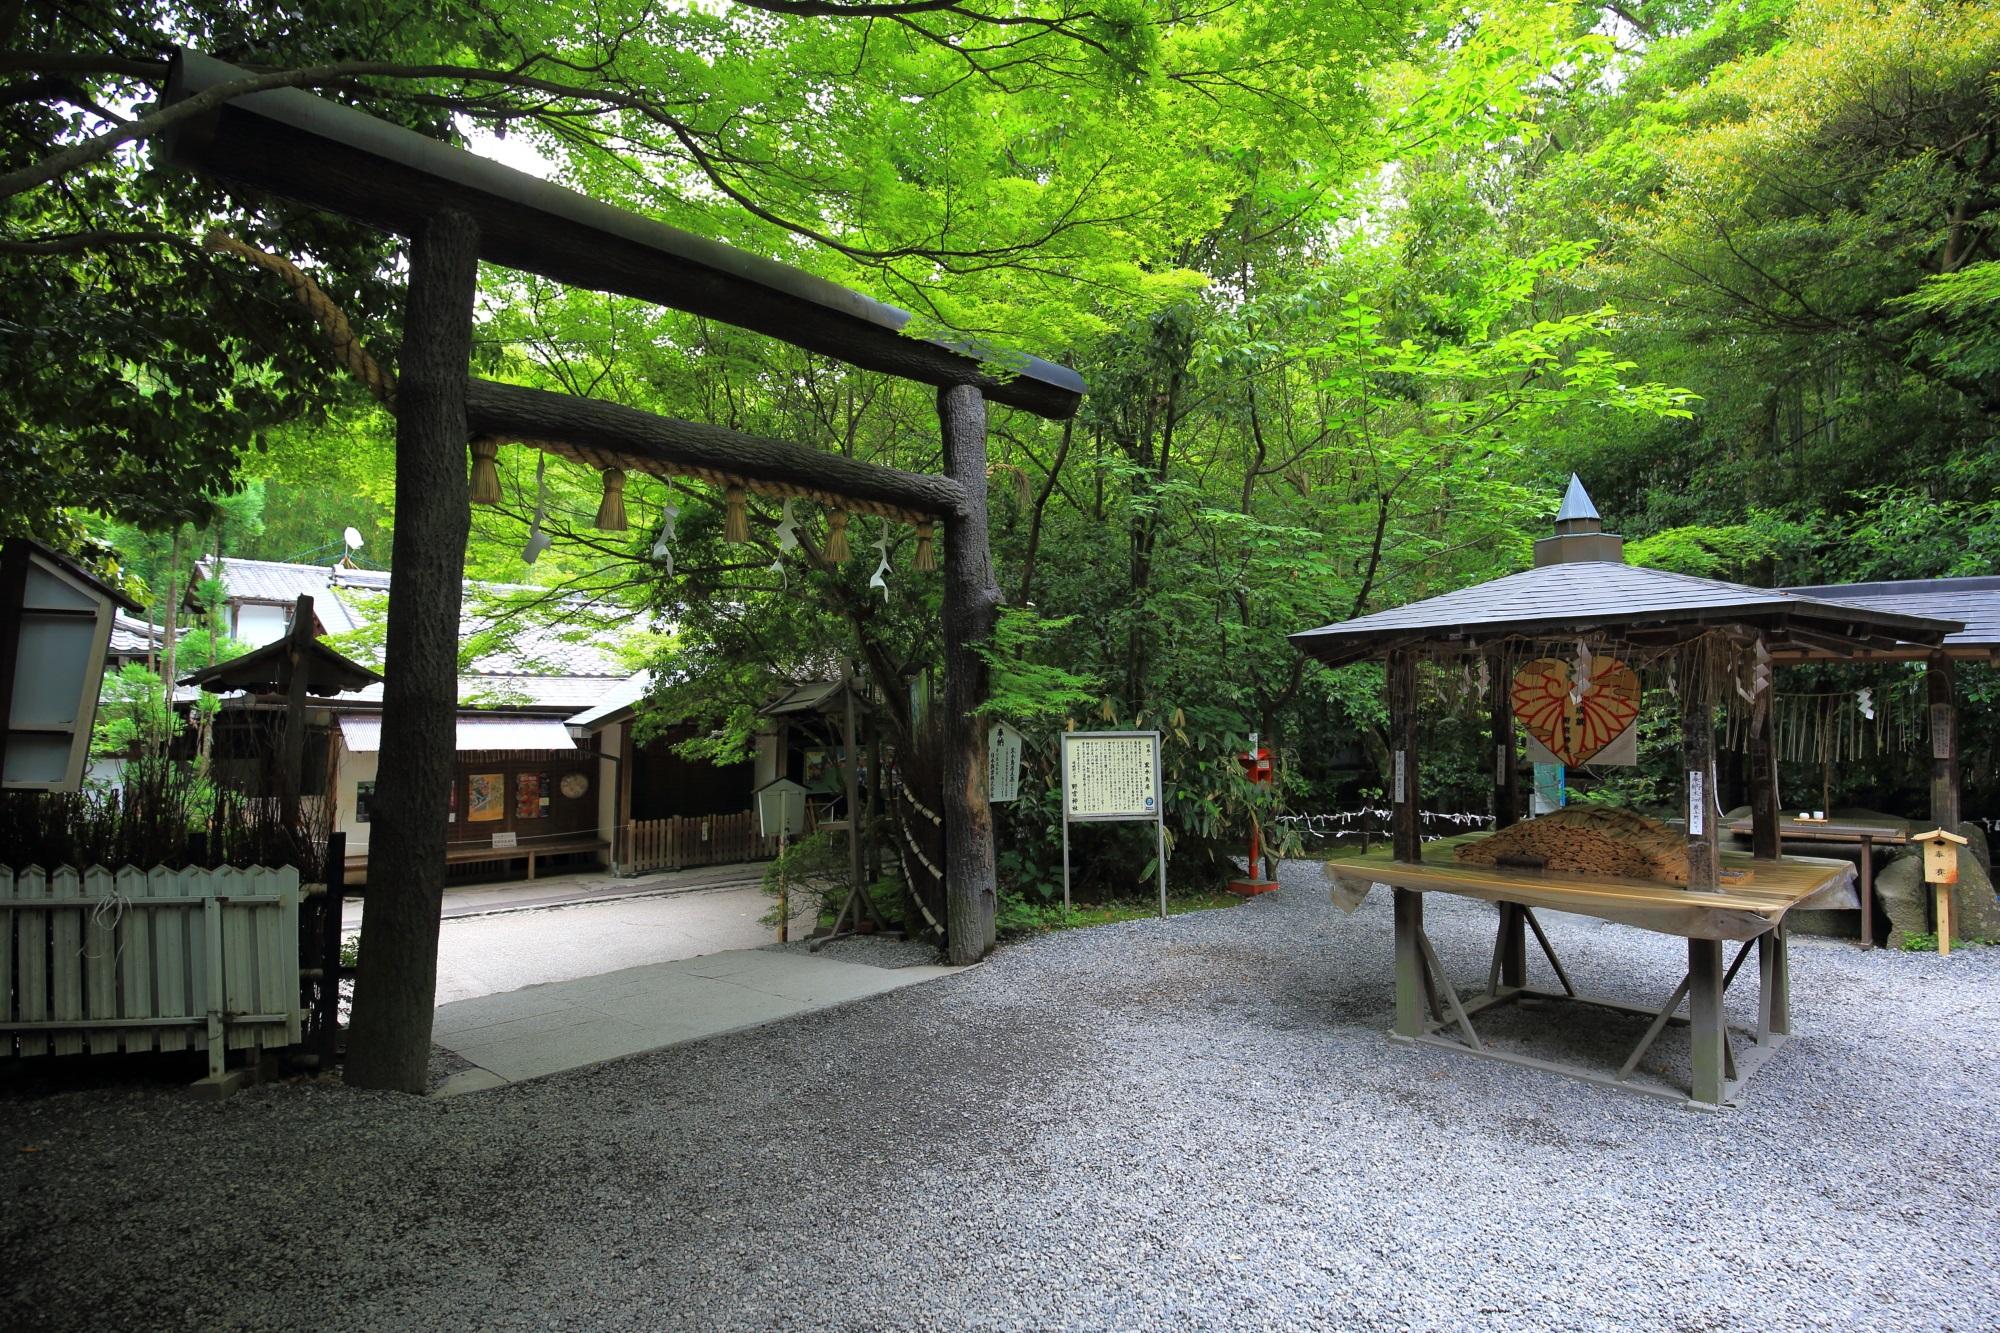 Kyoto Sagano Nonomiya-jinja shrine